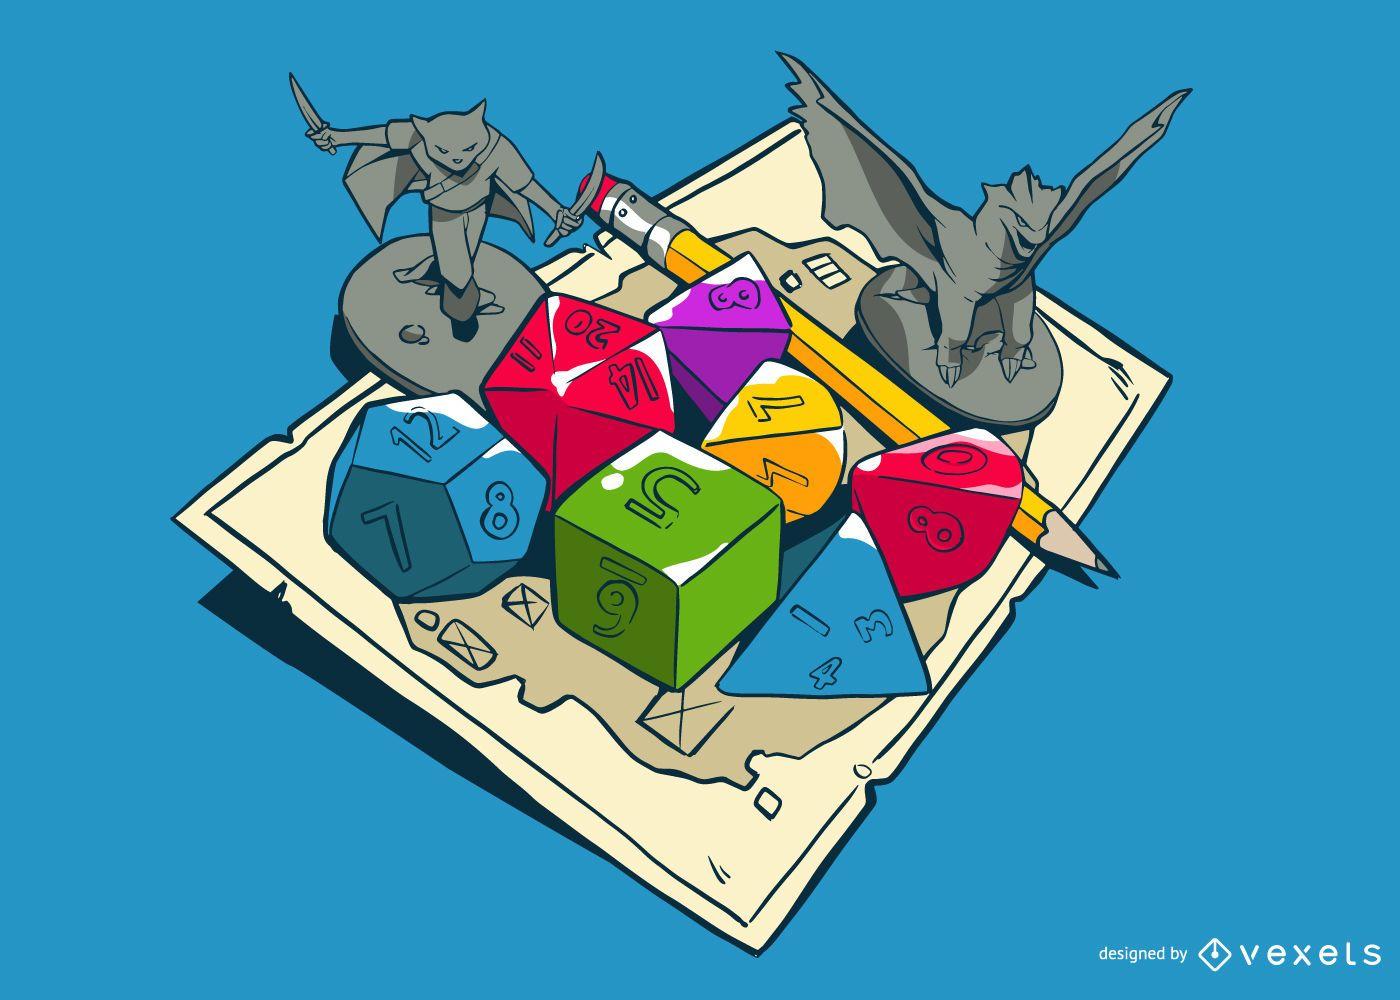 RPG game illustration